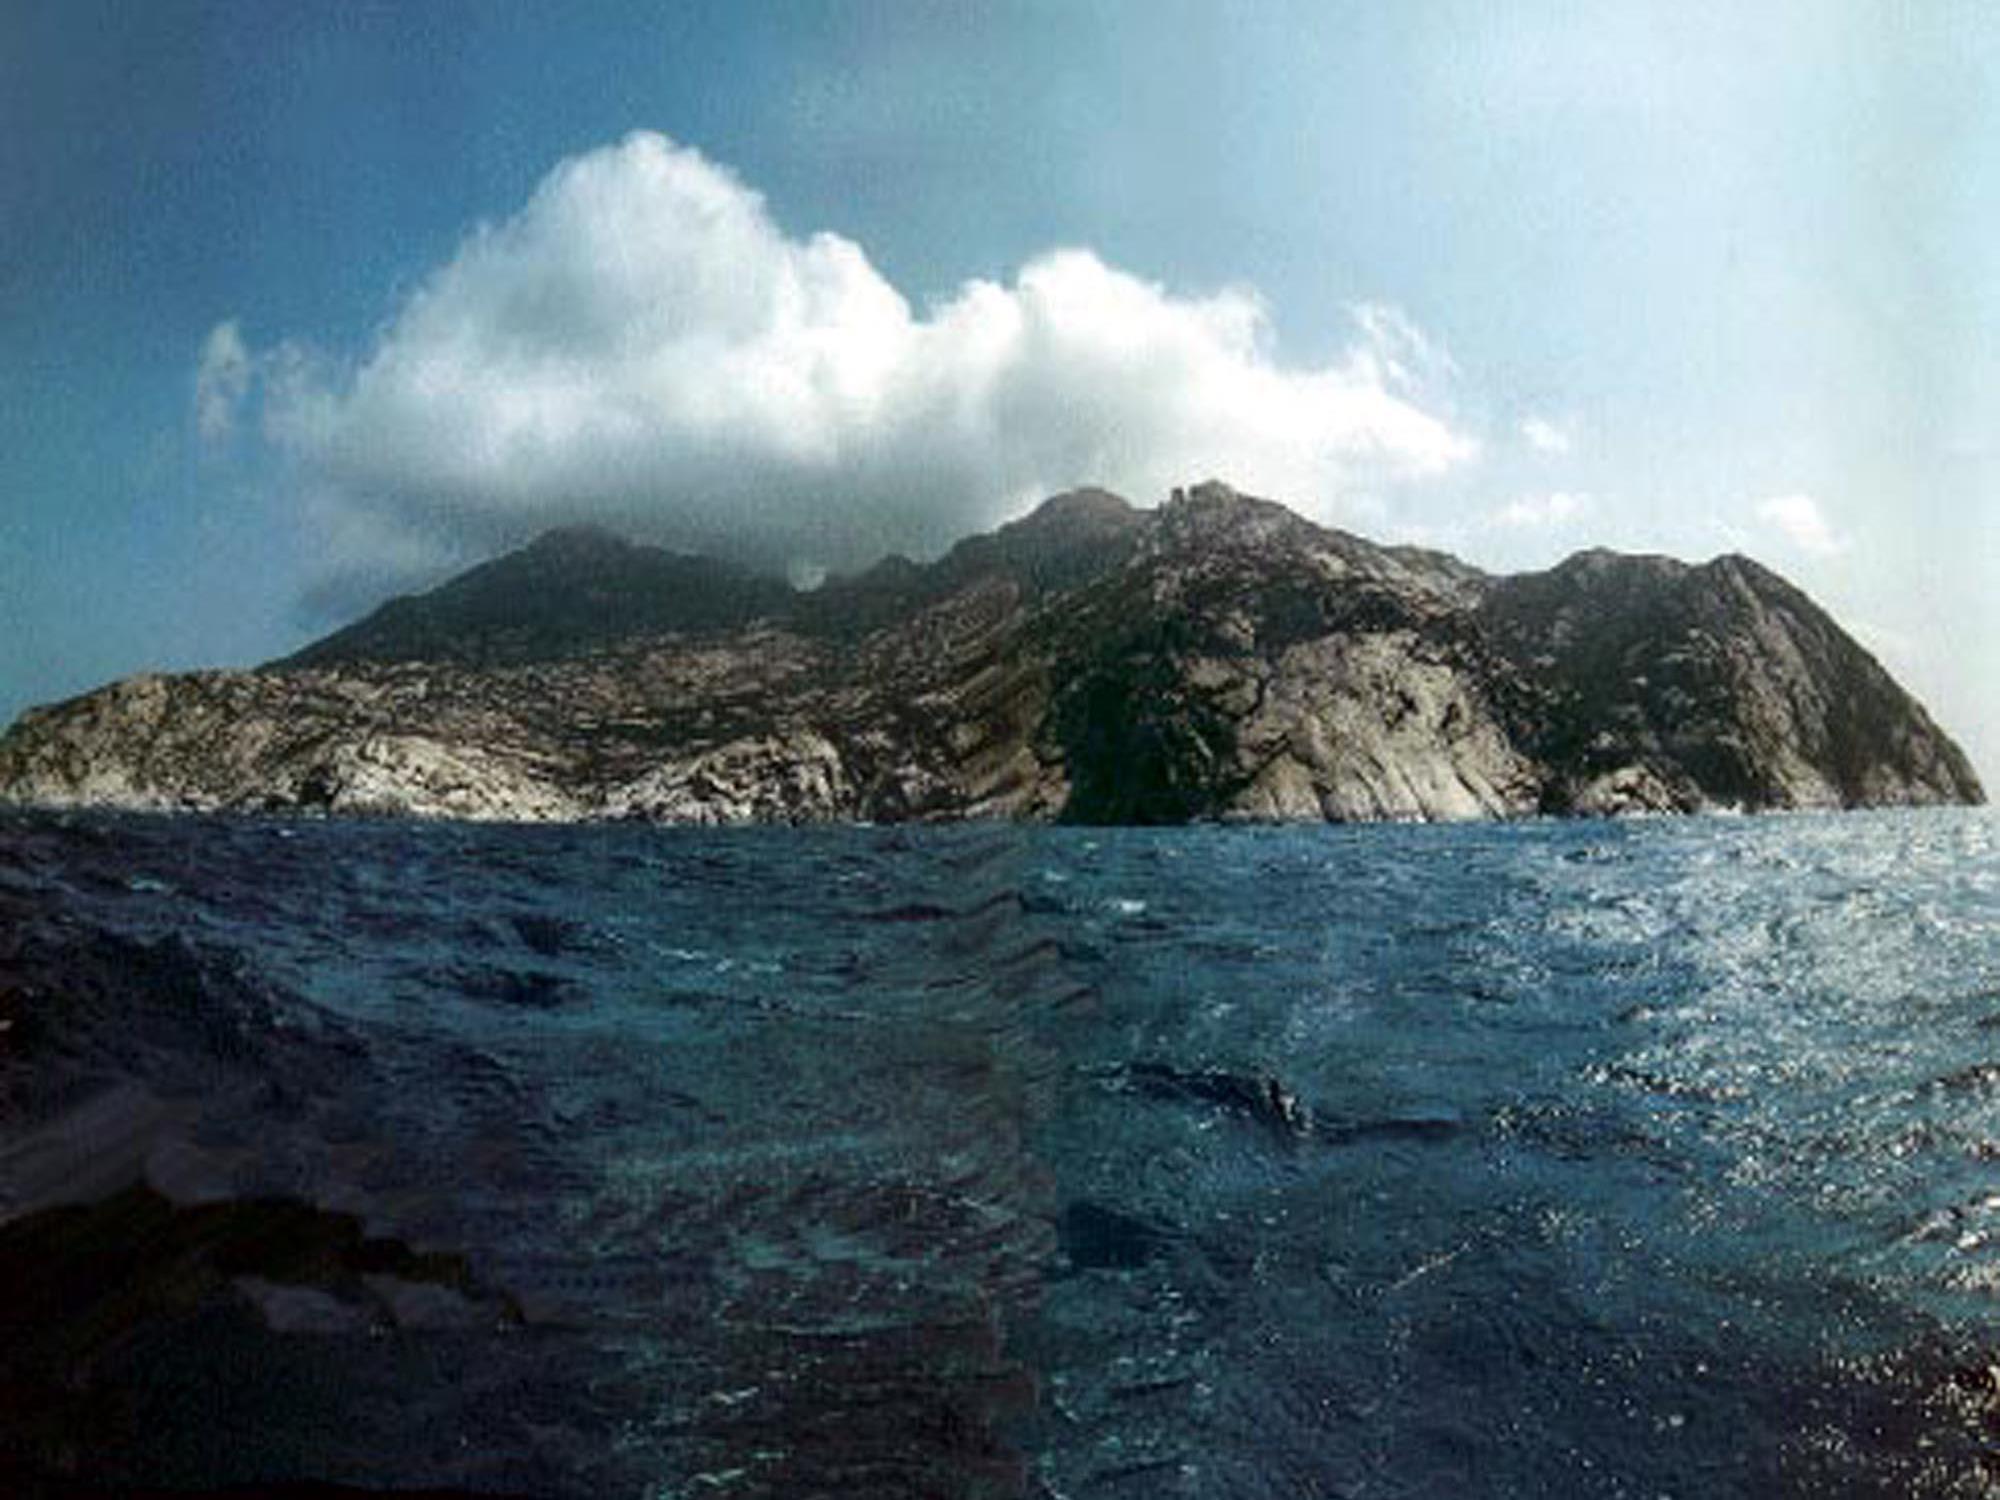 Auf der Insel Pianosa bei Elba saßen in den 90er Jahren bereits mehrere hundert Mafiosi ein.